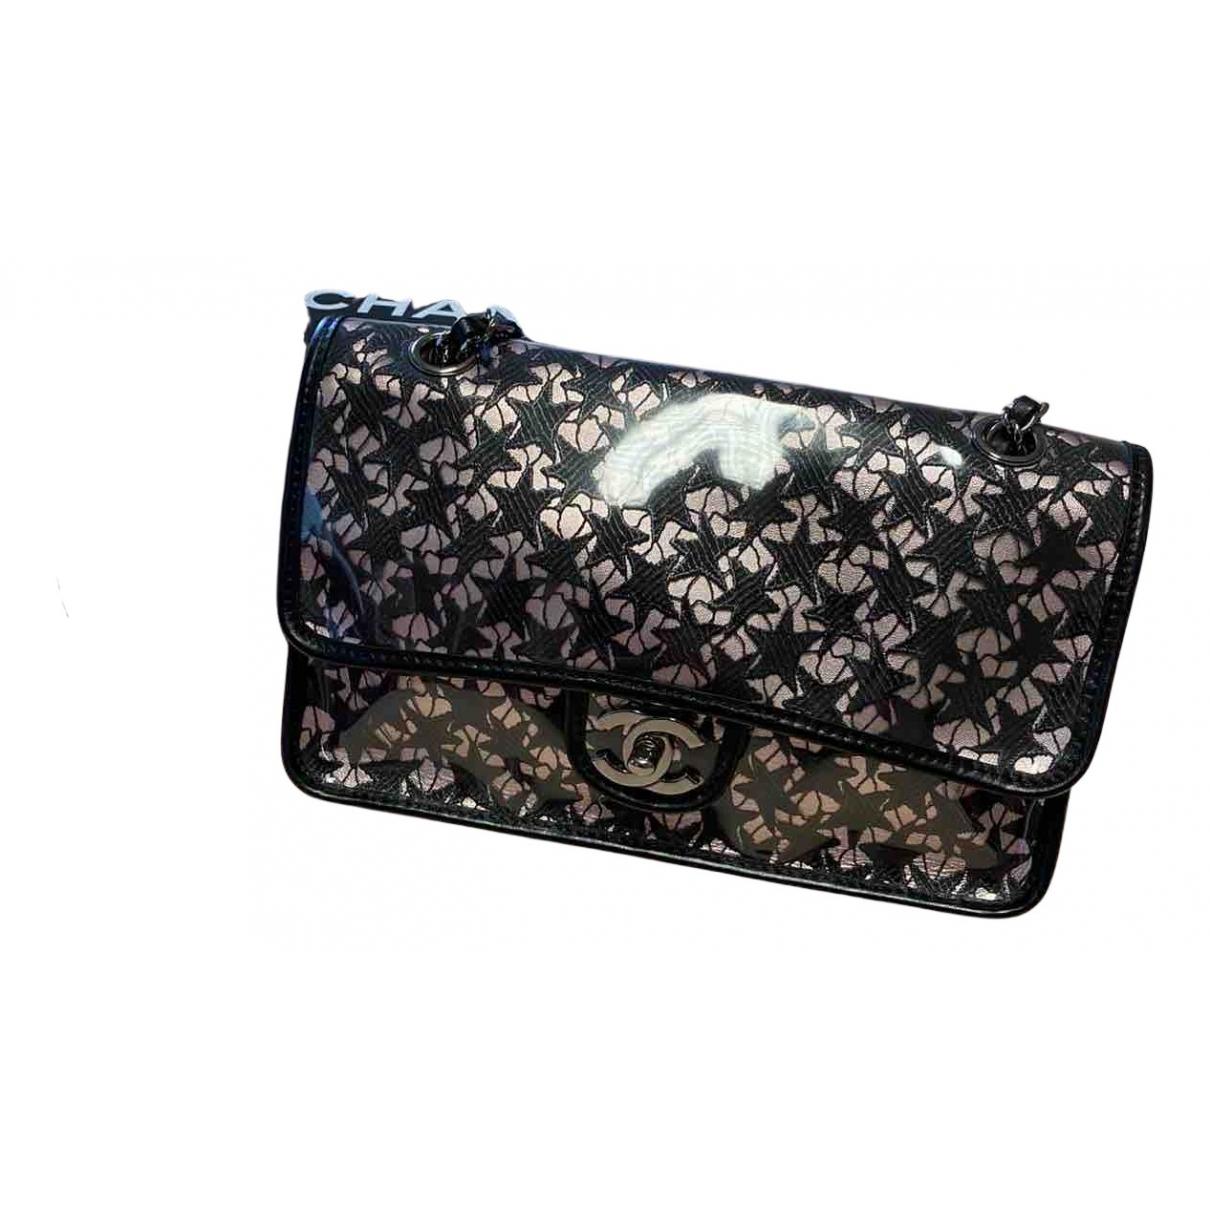 Chanel - Sac a main Timeless/Classique pour femme en cuir - multicolore